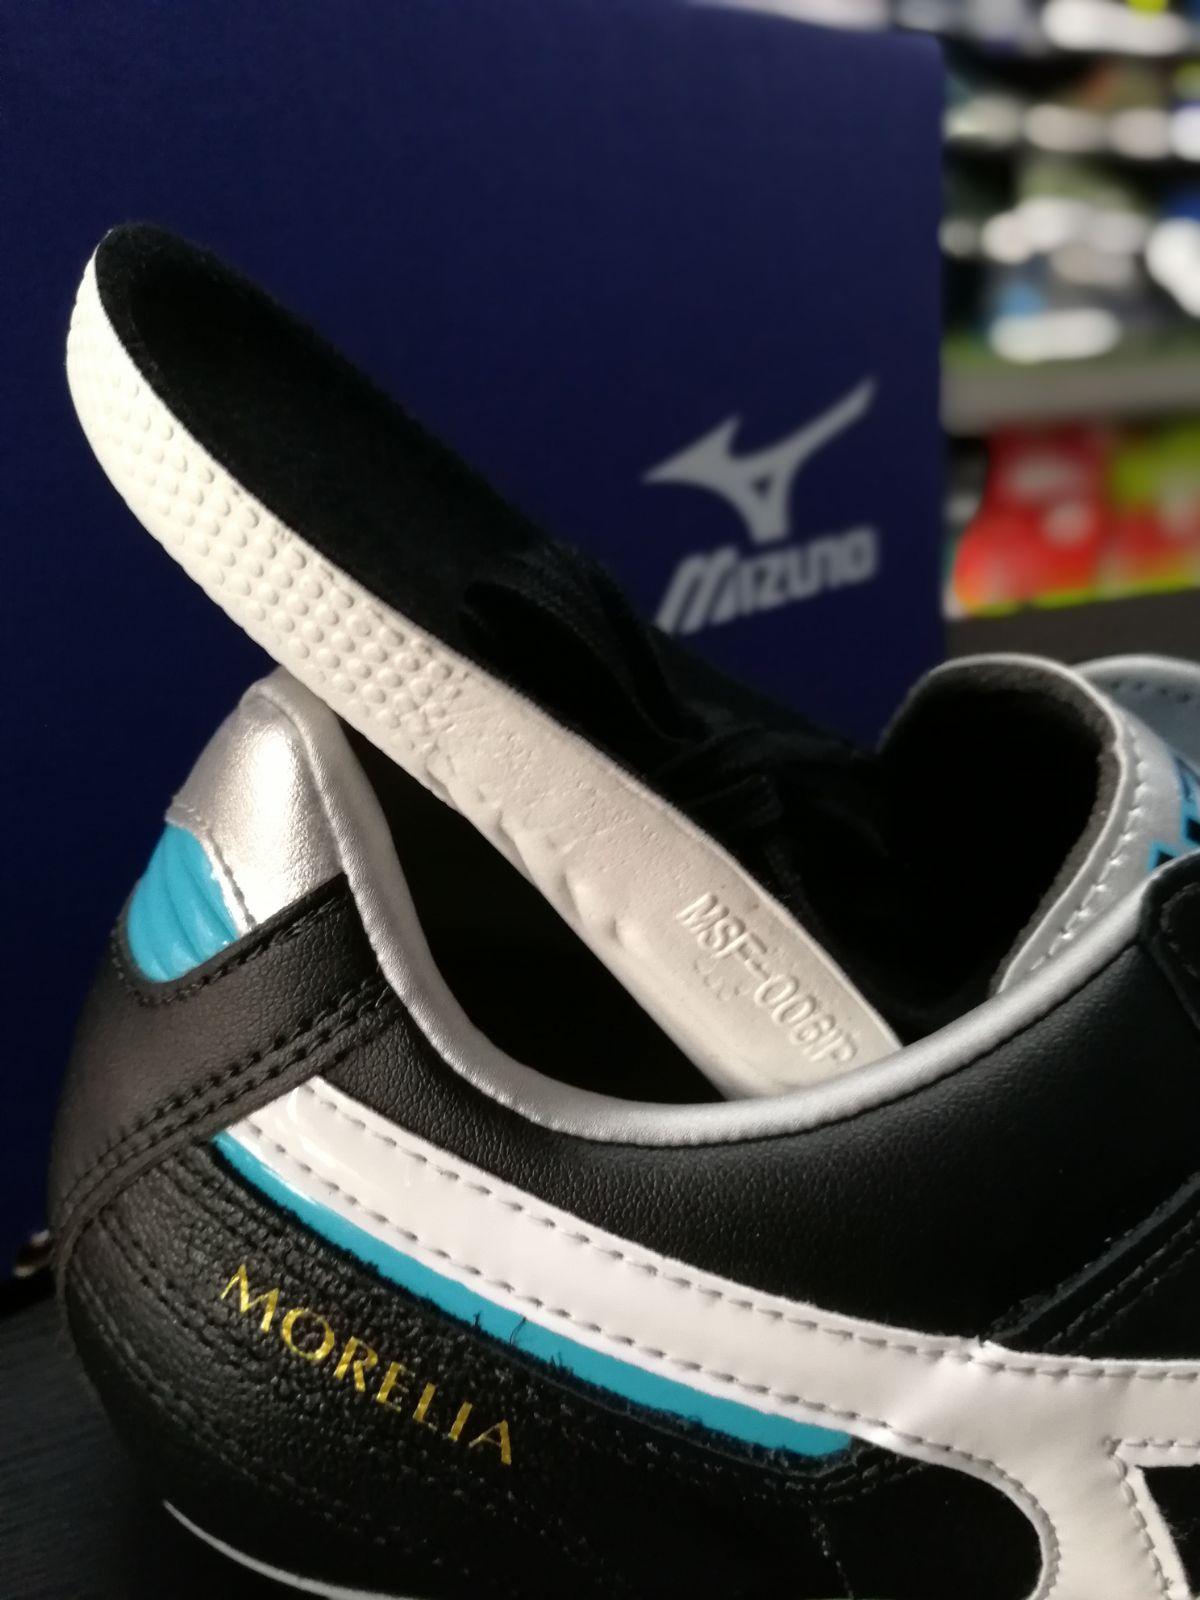 Football-shoes-Mizuno-Scarpe-Calcio-Morelia-II-MD-FG-Nero-2018-Pelle-di-cangur miniatura 11